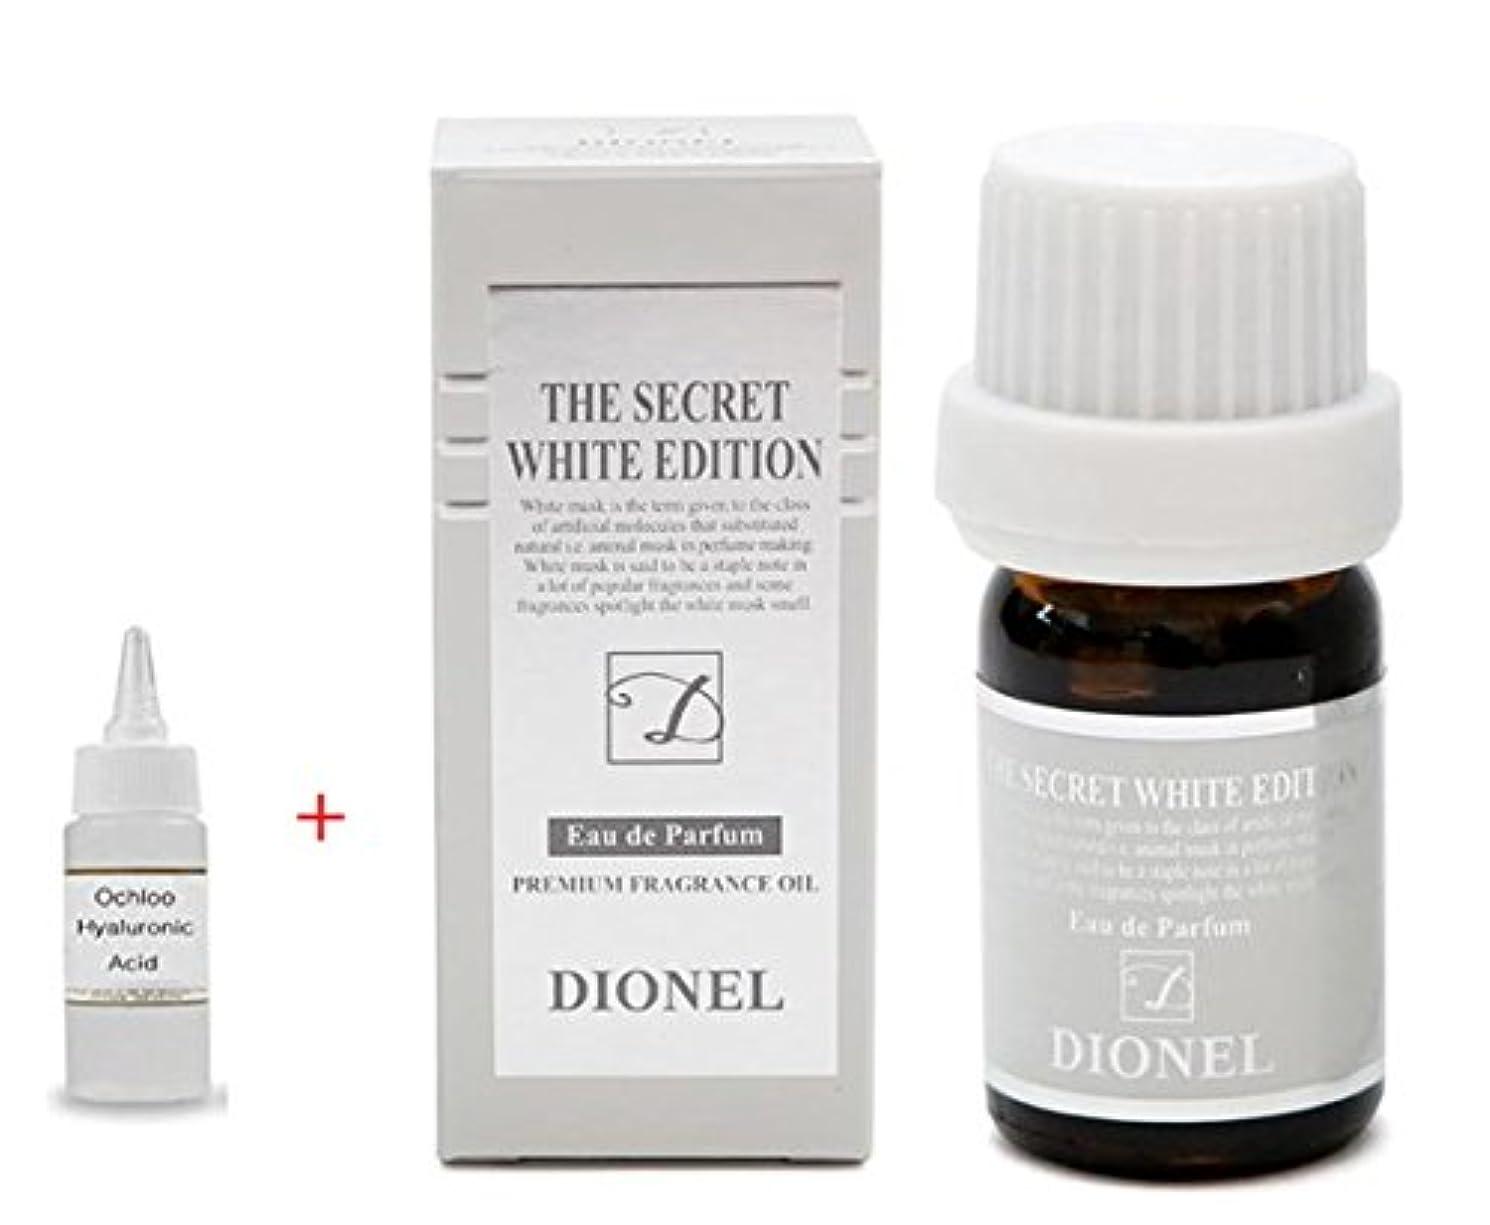 受け入れたパパチョップ[Dionel] 香水のような女性清潔剤、プレミアムアロマエッセンス Love Secret White Edition Dionel 5ml. ラブブラックエディション、一滴の奇跡. Made in Korea + +...